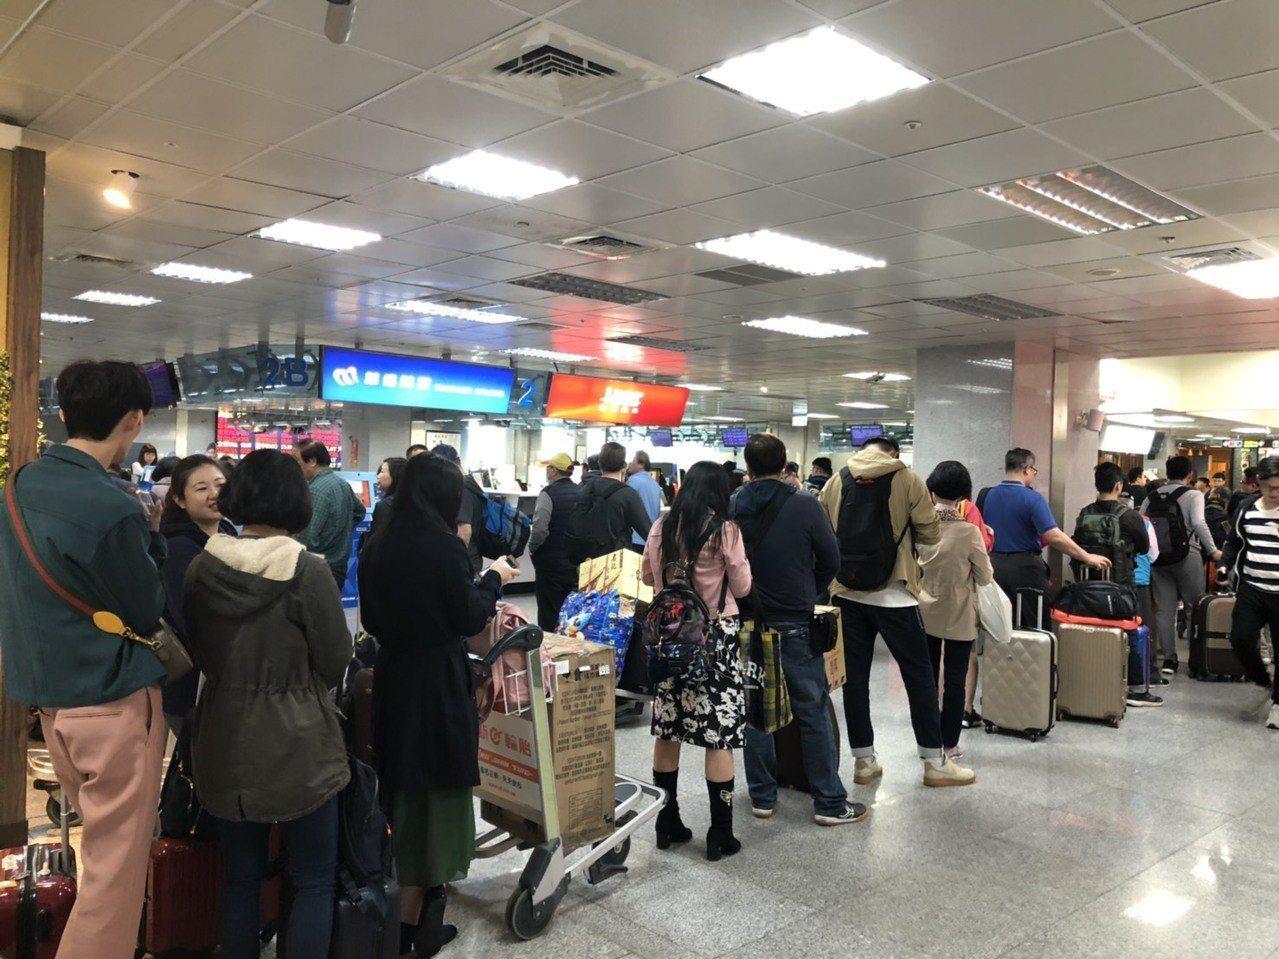 霧鎖金門,金門尚義機場今共取消35架次班機,機場各櫃臺排滿等候退票的民眾。記者蔡...